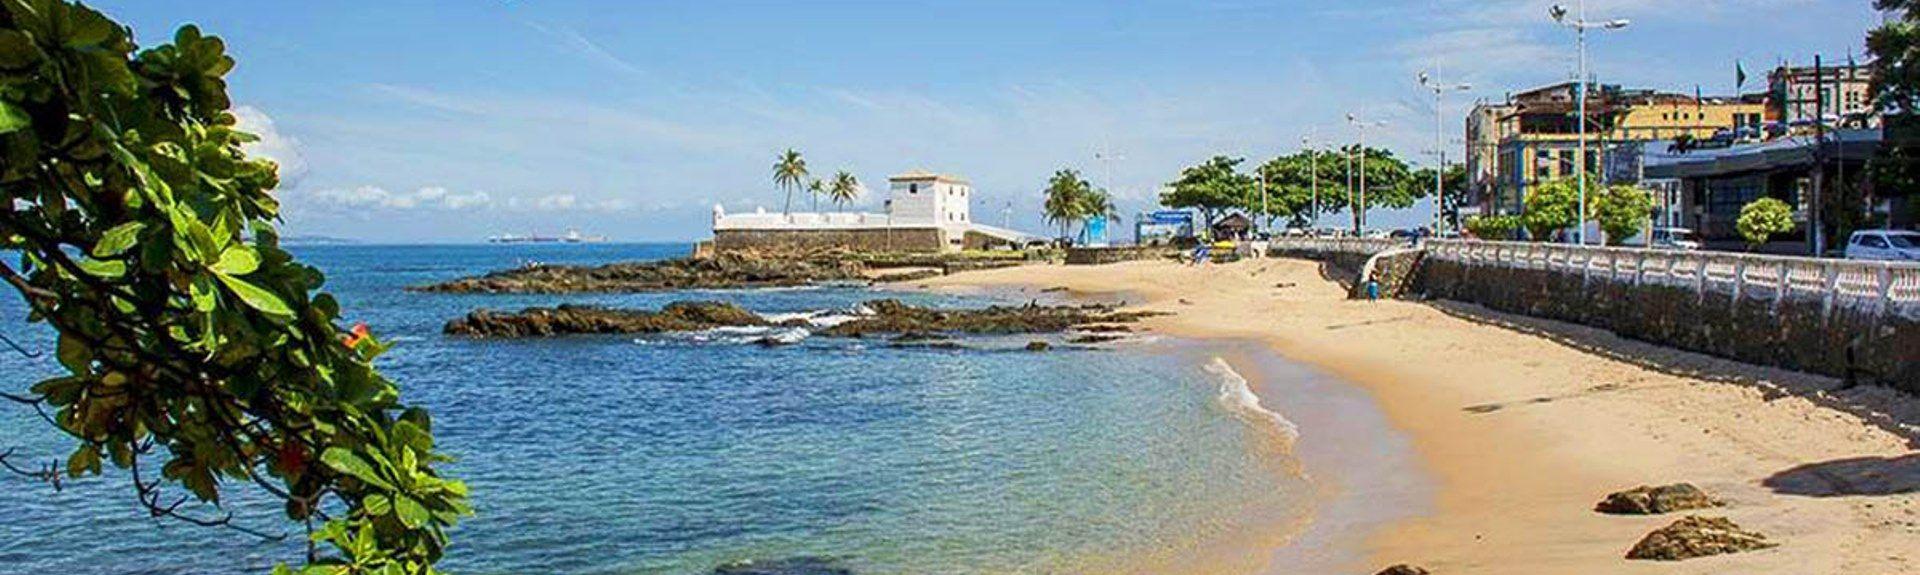 Praia do Farol da Barra, Salvador, Regio noordoost, Brazilië